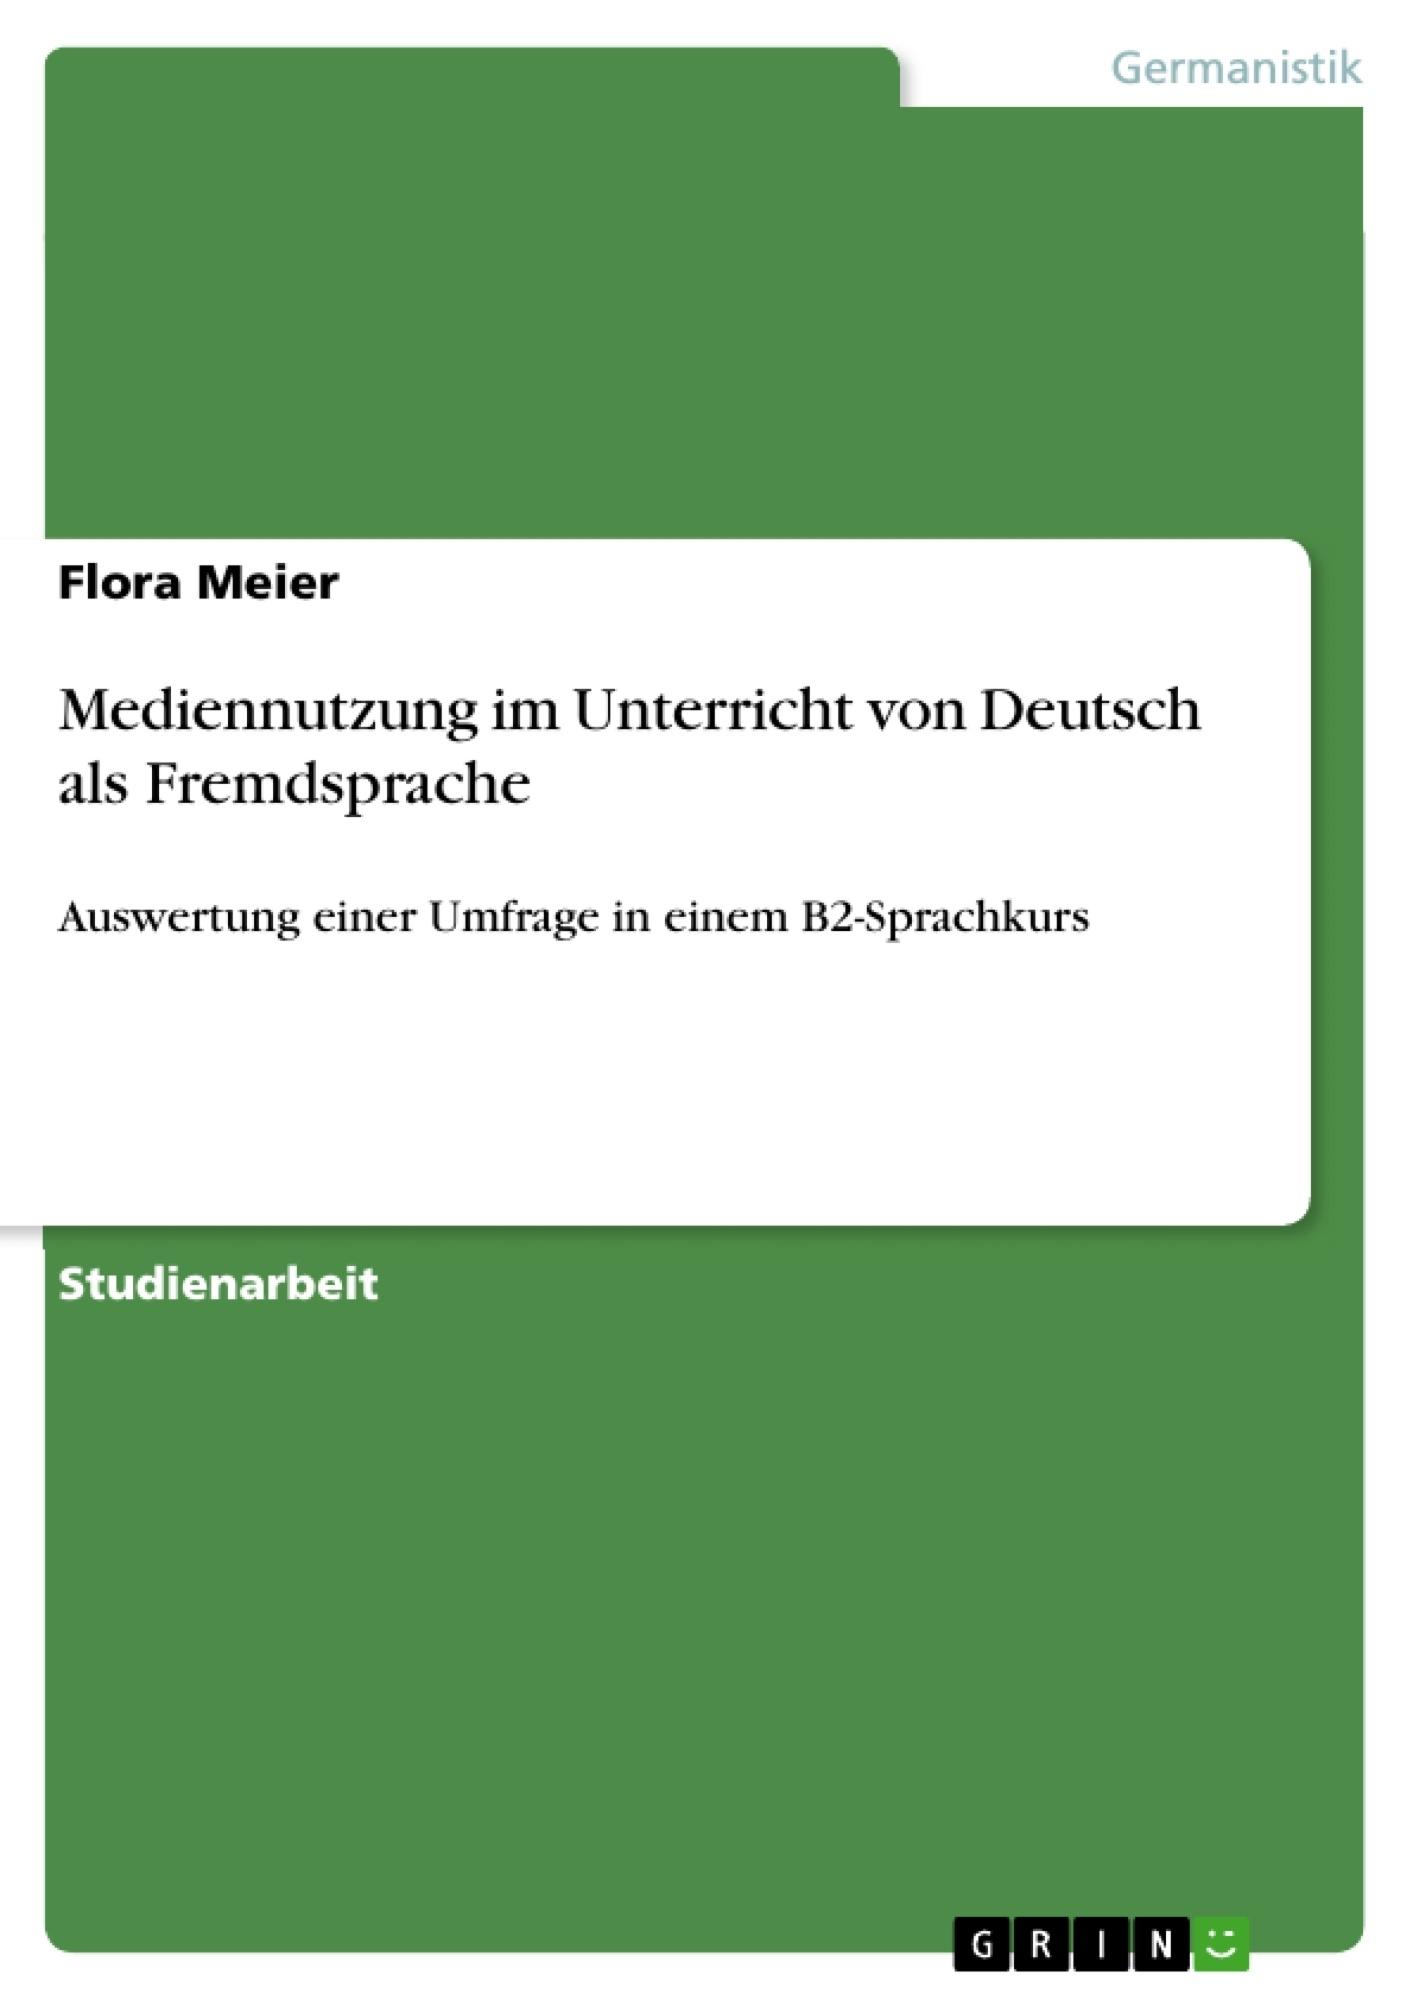 Titel: Mediennutzung im Unterricht von Deutsch als Fremdsprache